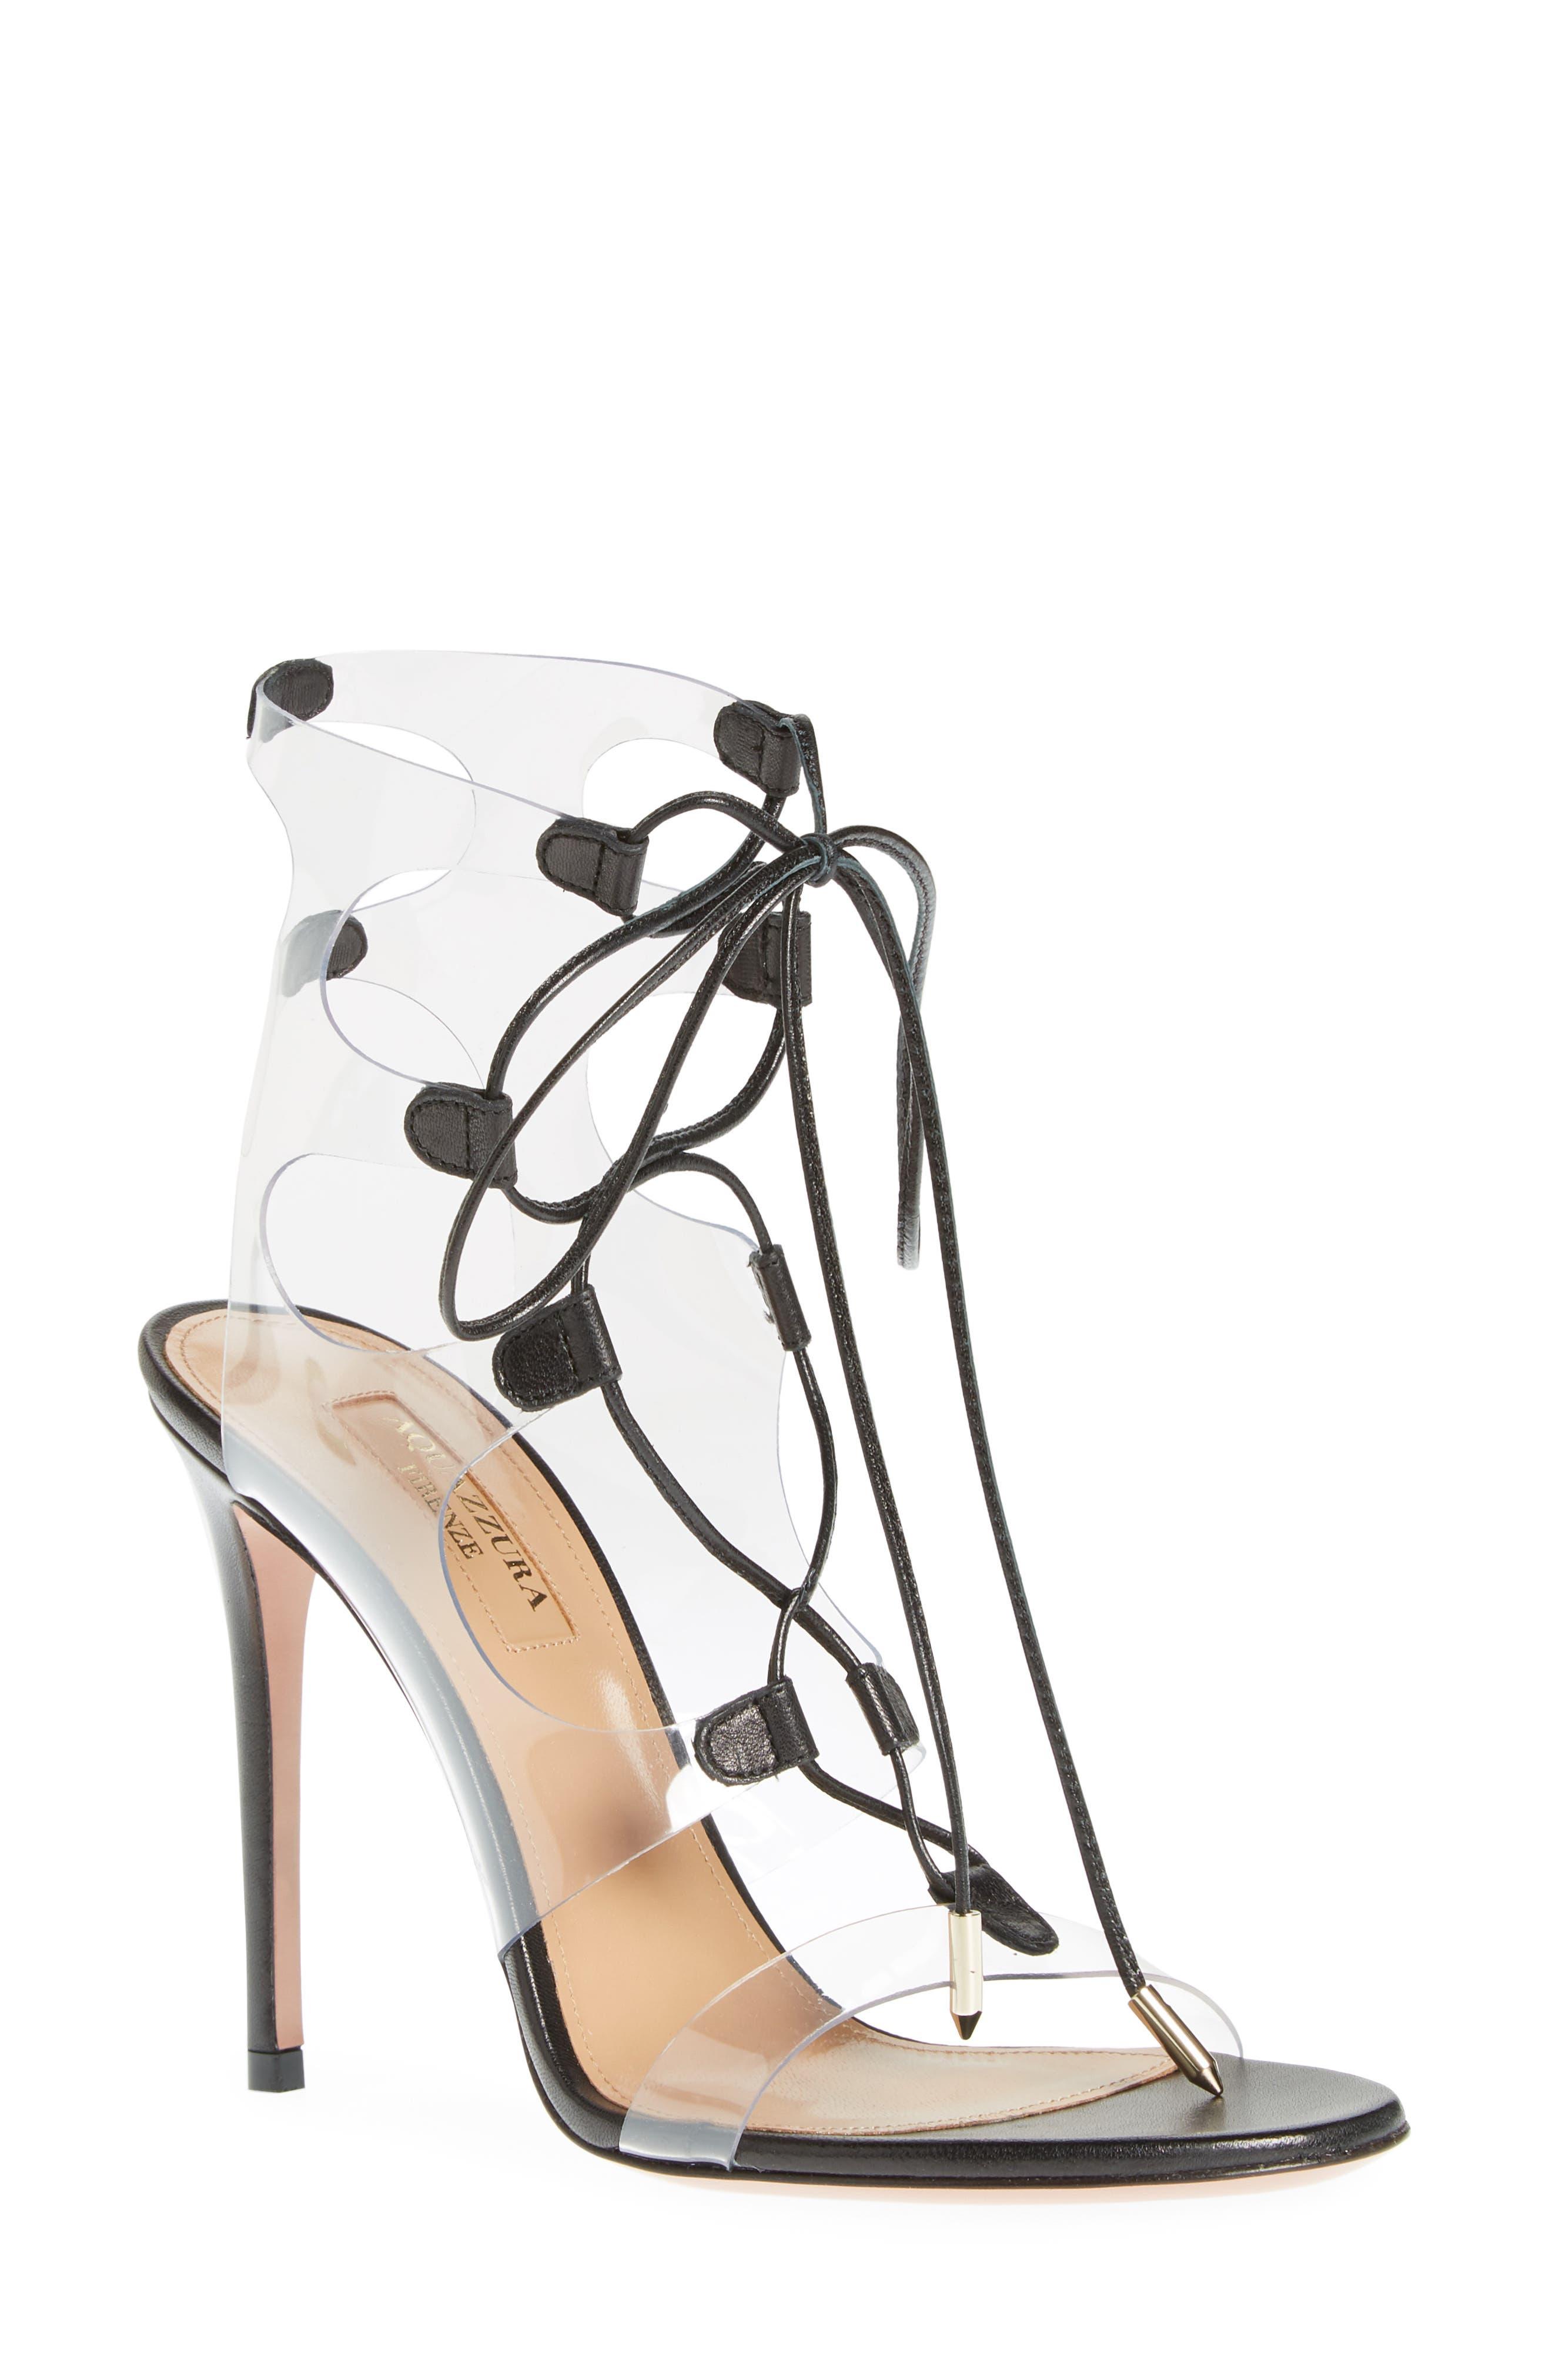 AQUAZZURA Milos PVC Lace-Up Sandal, Main, color, BLACK